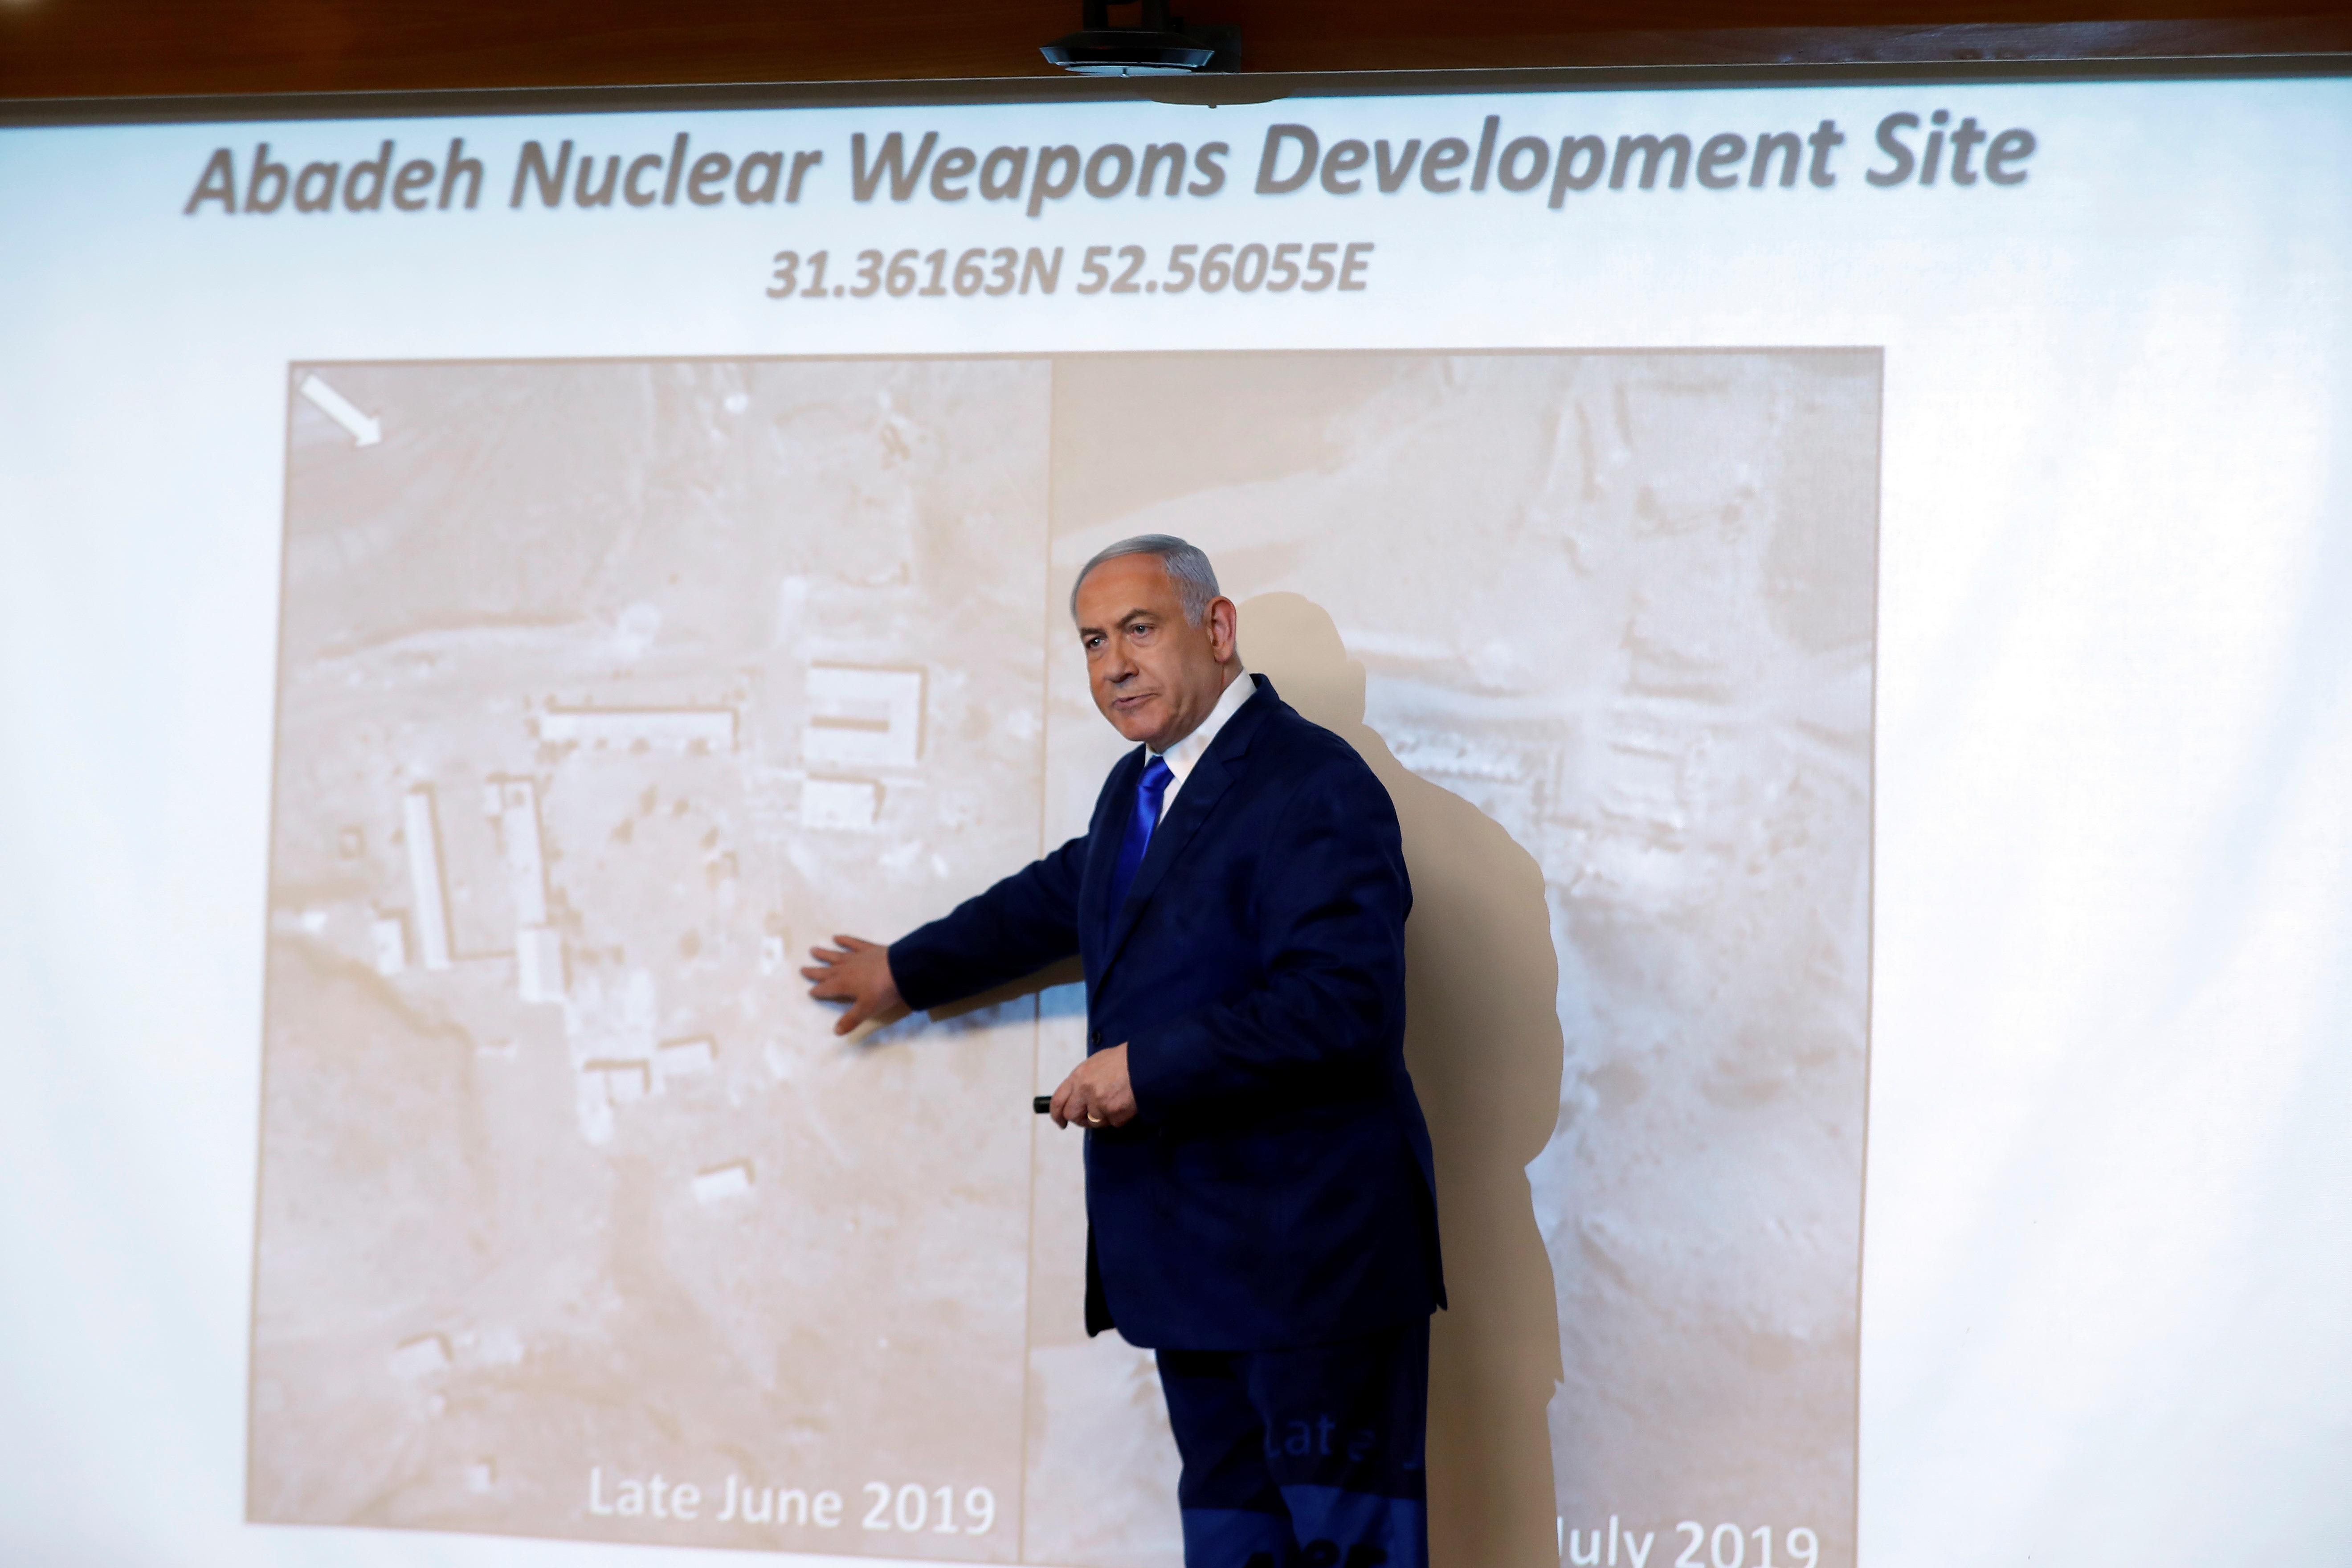 """Νετανιάχου: """"Η Τεχεράνη κατασκεύαζε πυρηνικά όπλα σε μυστική τοποθεσία""""!"""